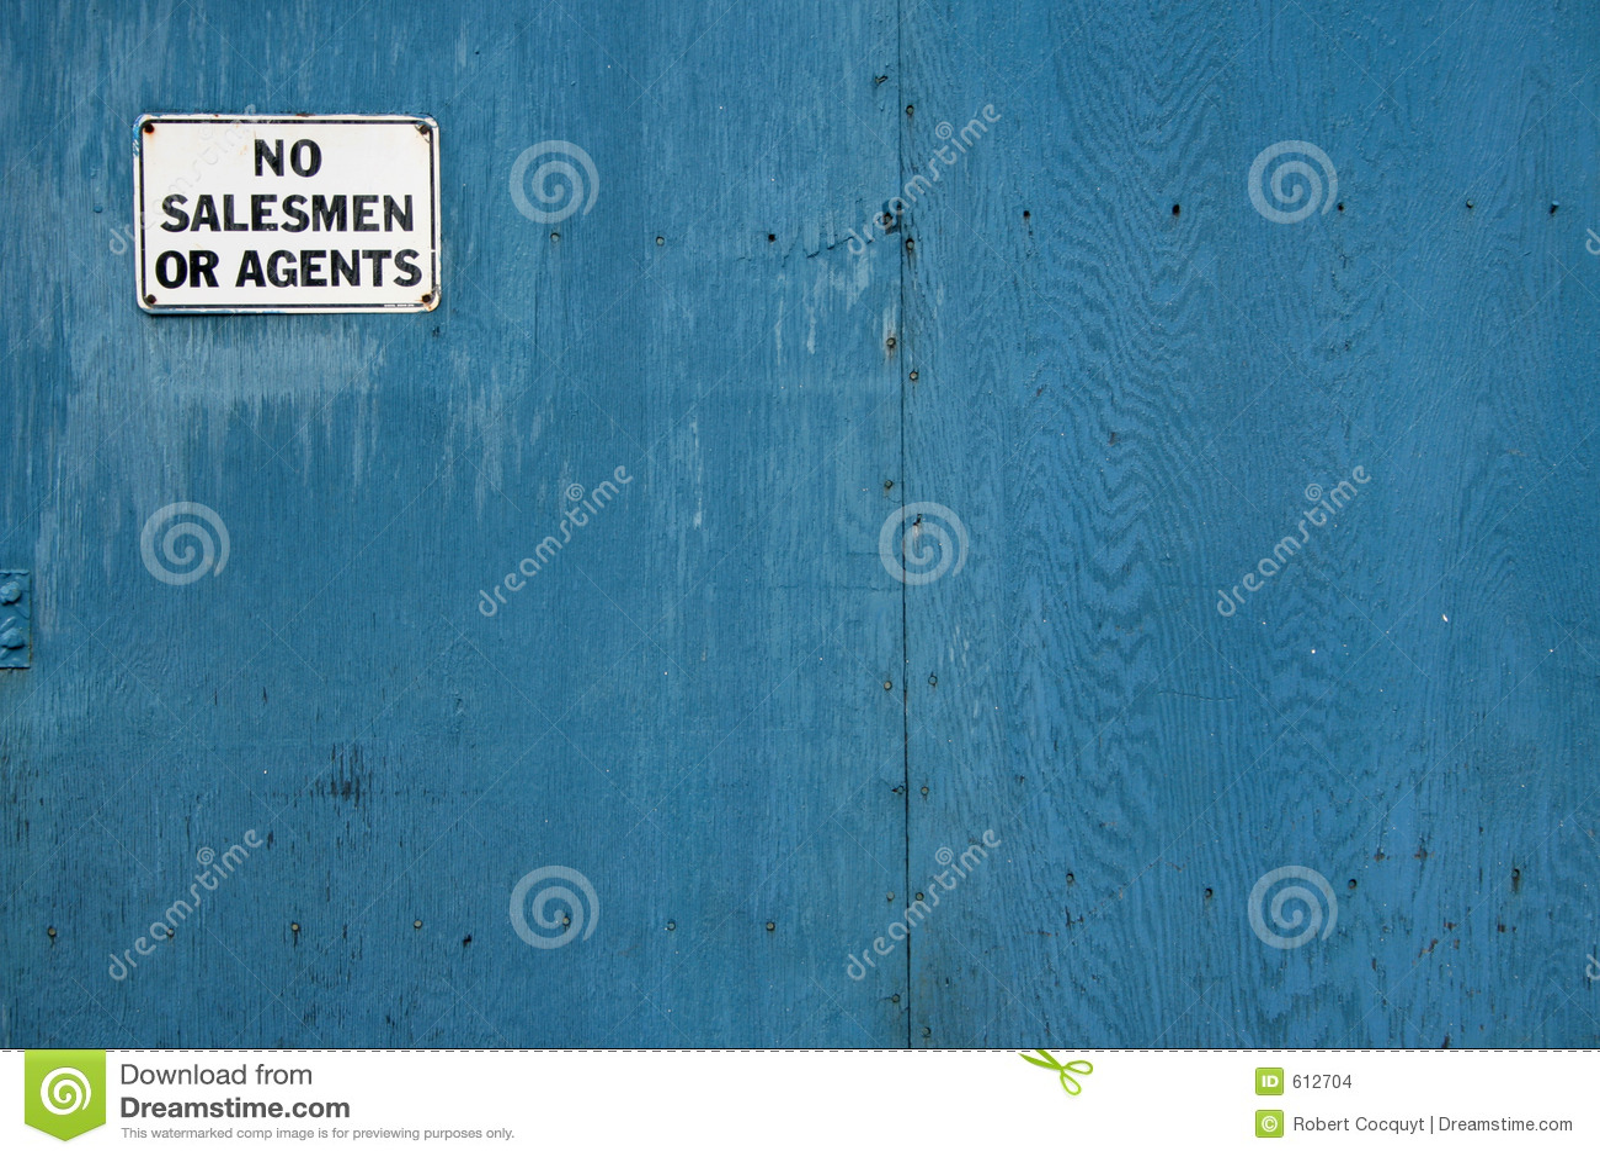 Geen Salesmen1